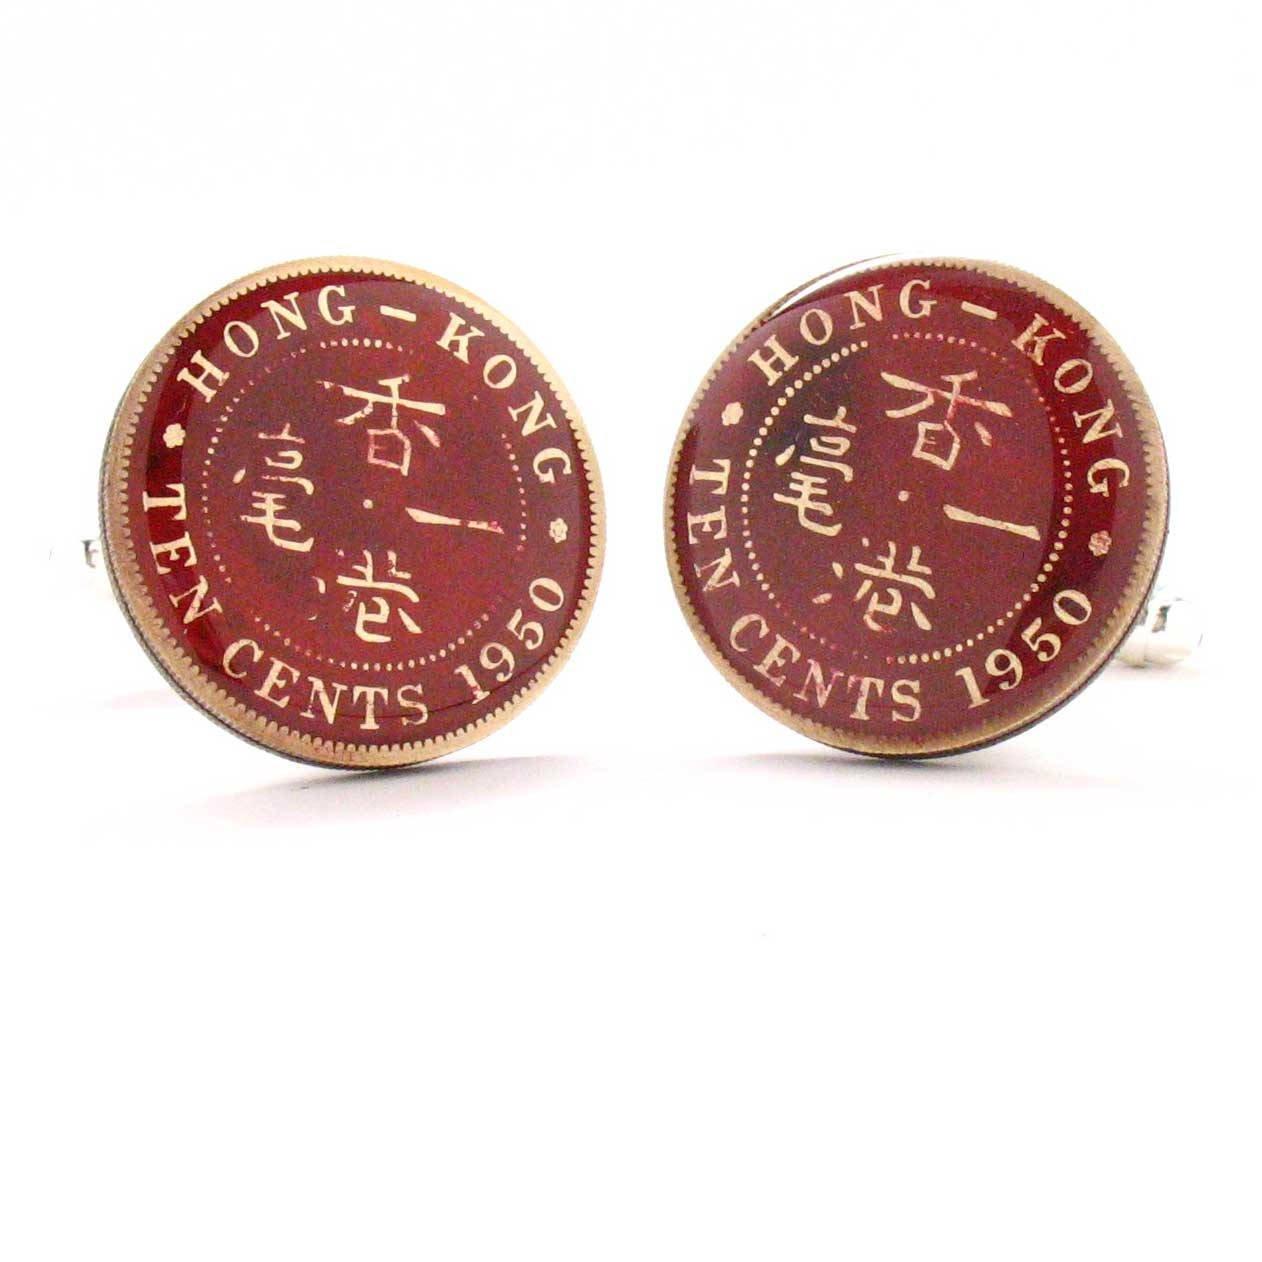 Hong Kong Coin Cufflinks Cuff Links Flag Asia Souvenir China Chinese New Year Vintage Antique Xi?ngg?ng ??